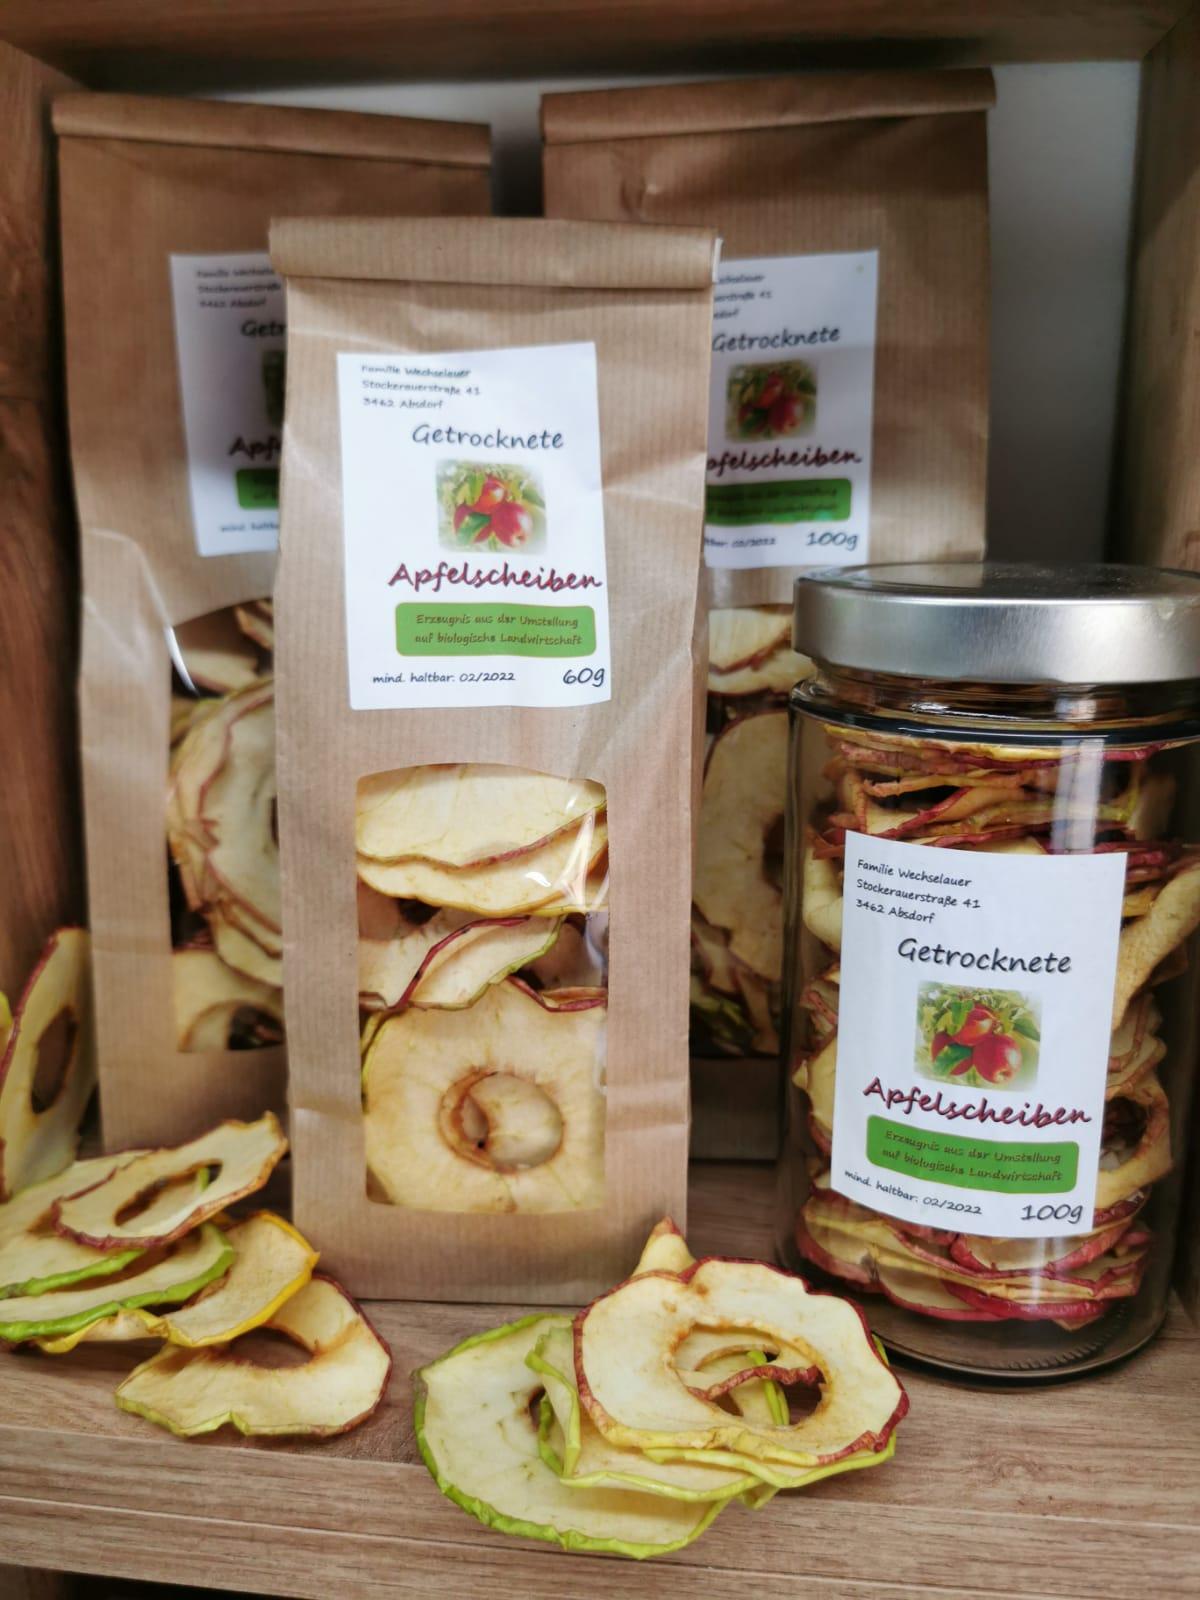 Getrocknete Bio-Apfelspalten von Familie Wechselauer